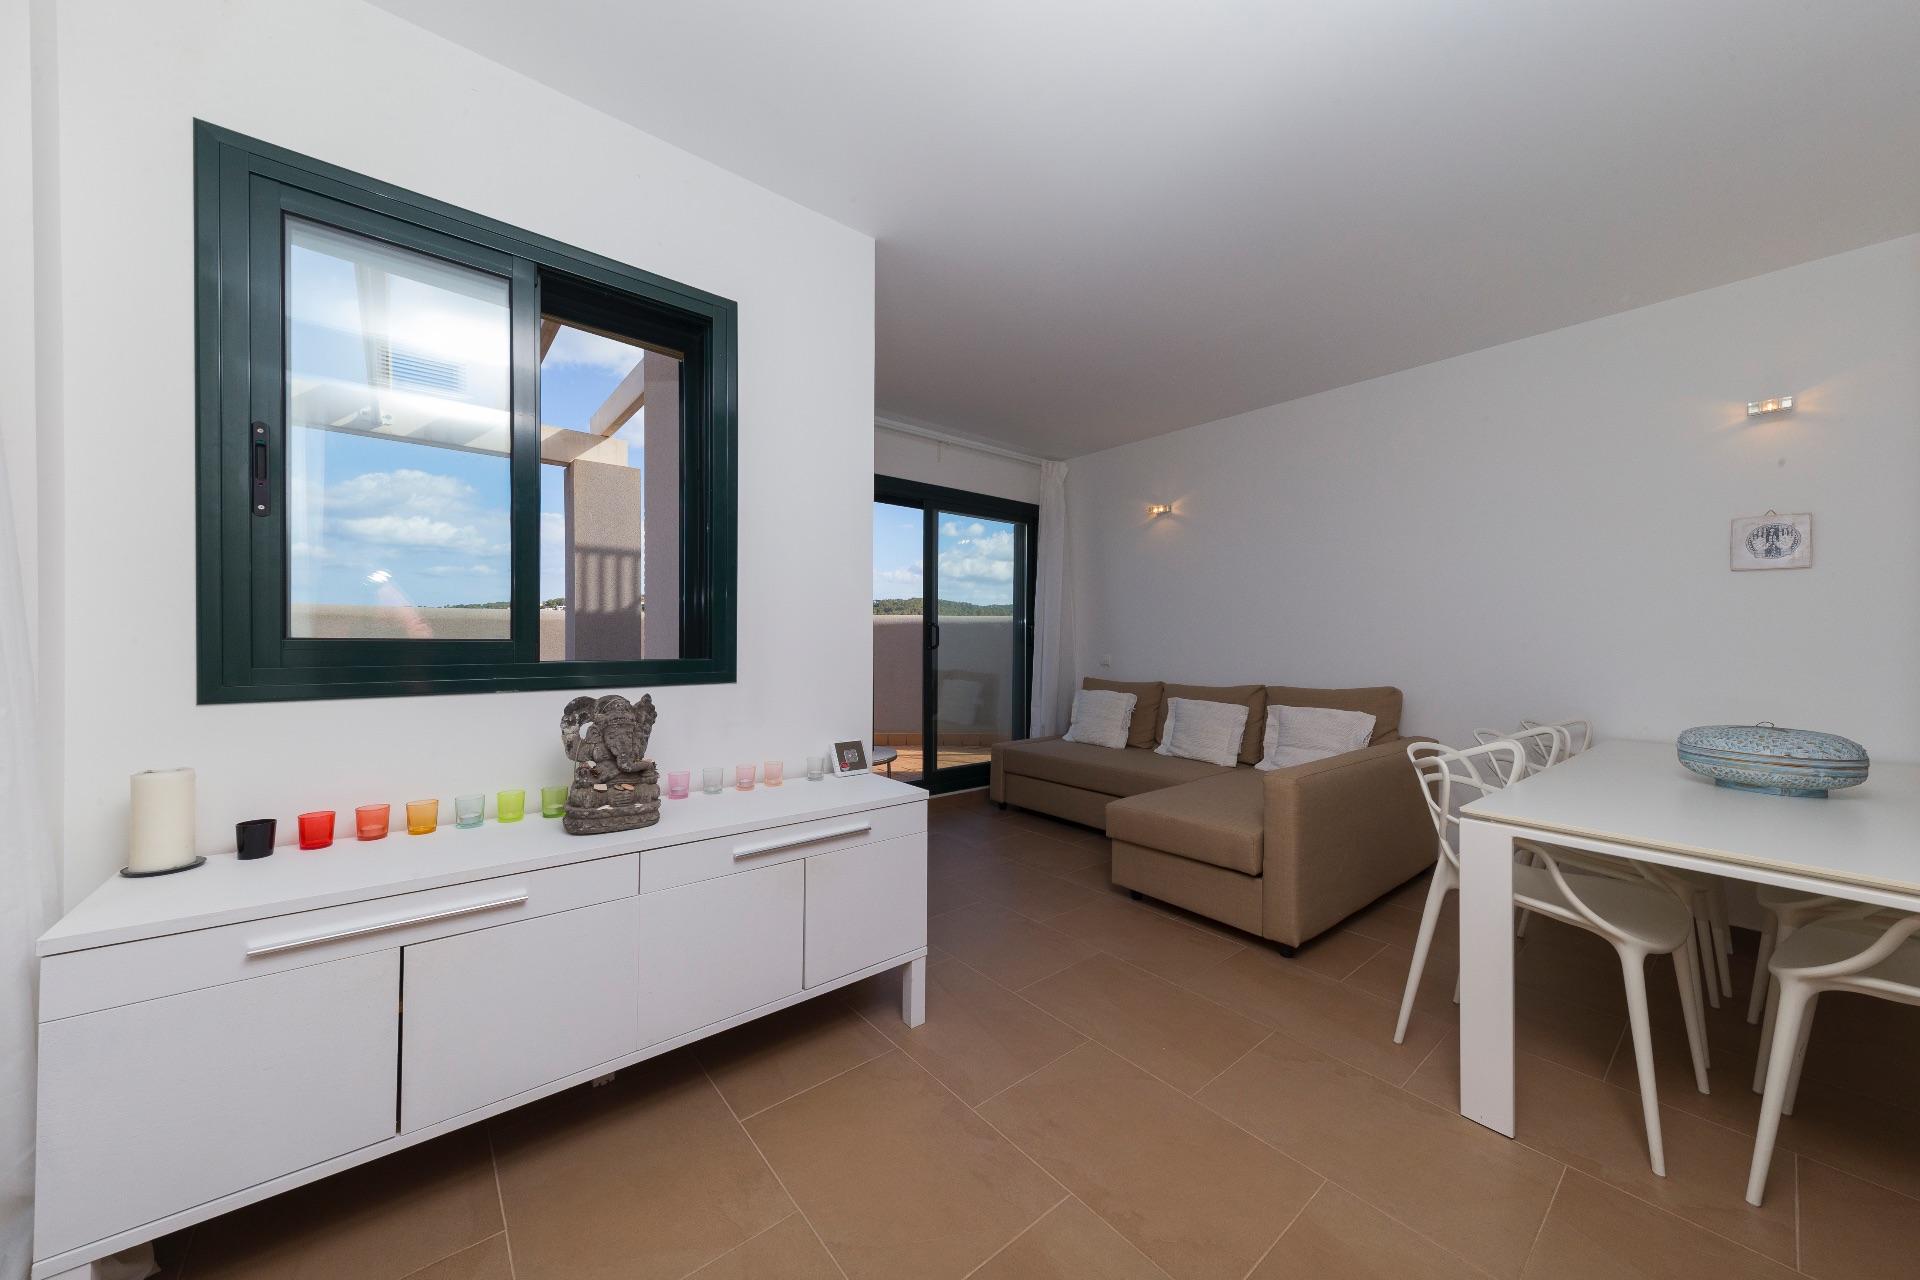 Casa / Chalet en Ibiza, sant josep de sa talaia, alquiler vacacional